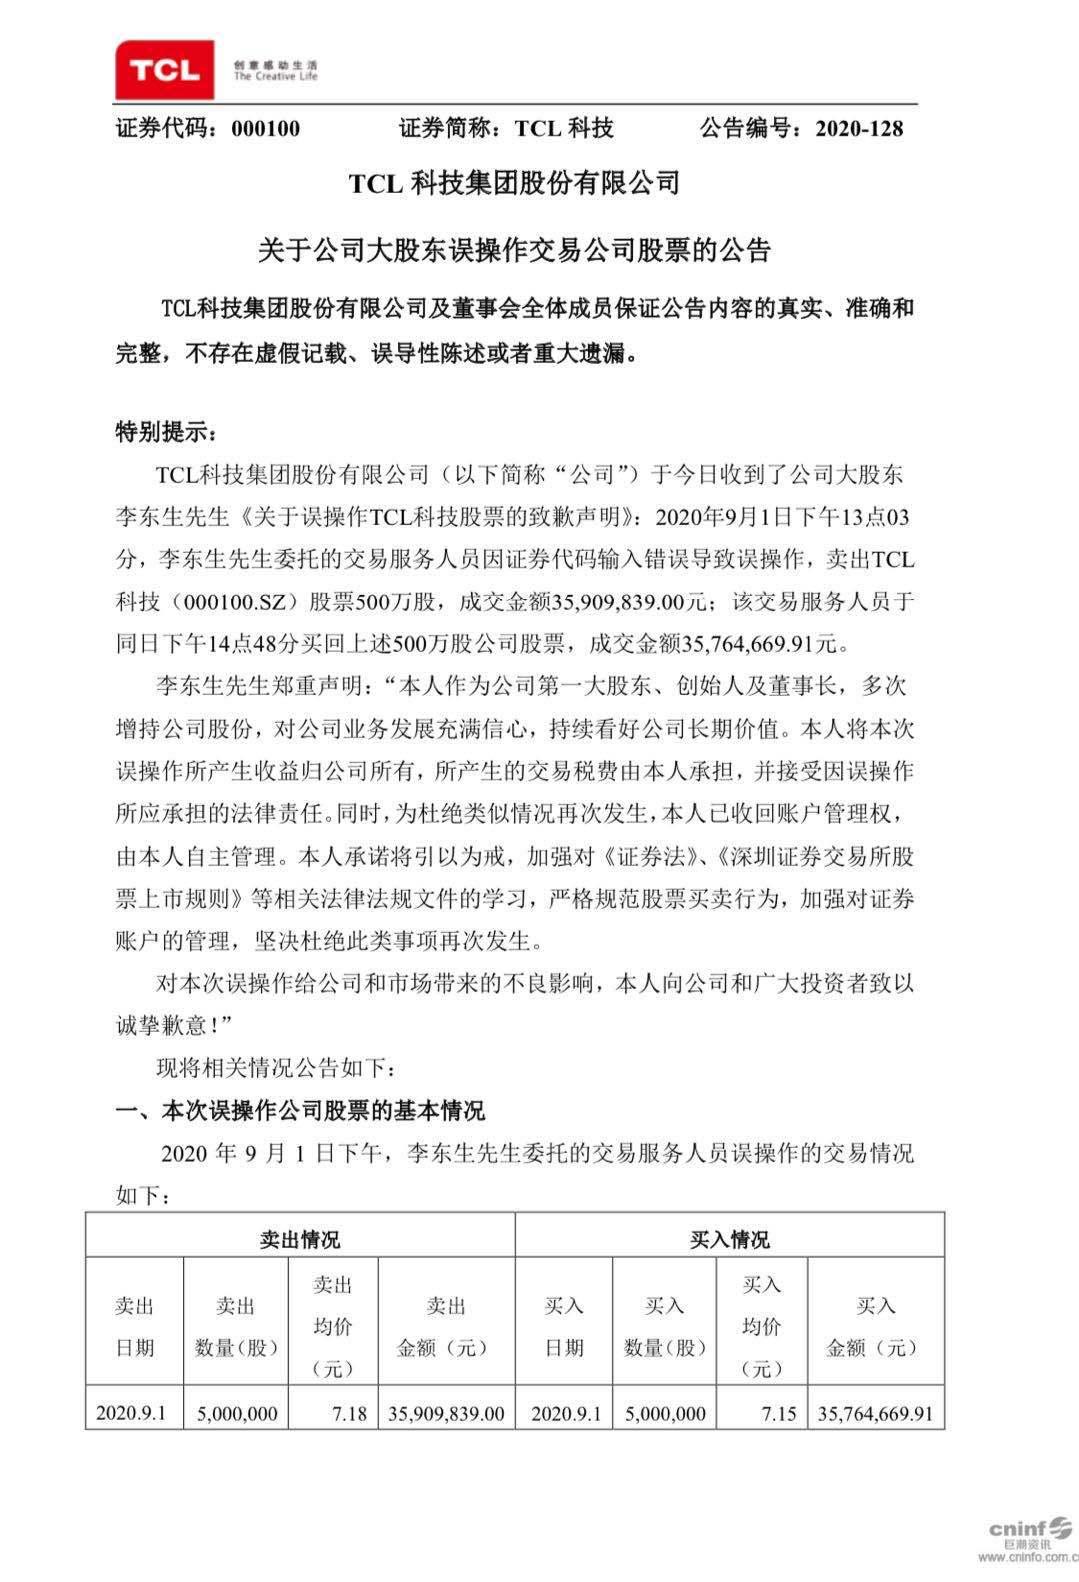 交易员误操作,卖出TCL科技500万股,大股东李东生致歉